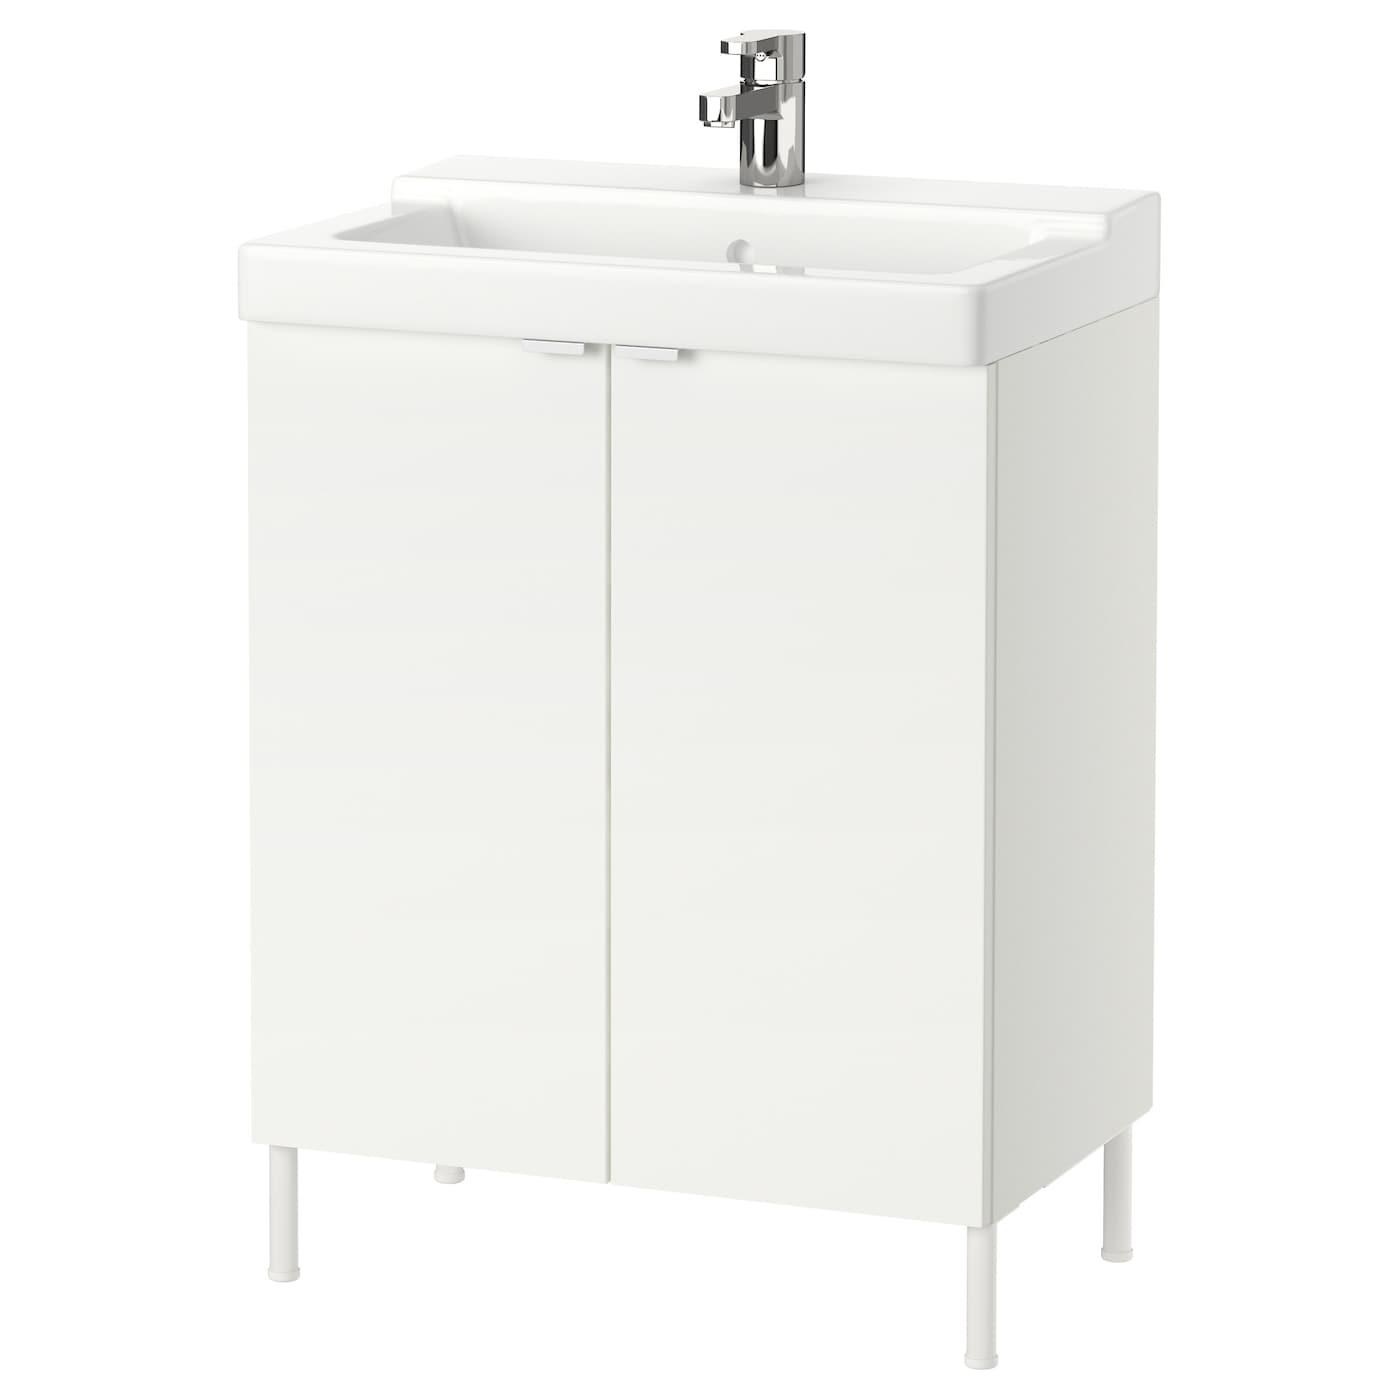 IKEA LILLÅNGEN/TÄLLEVIKEN Washbasin Cabinet With 2 Doors